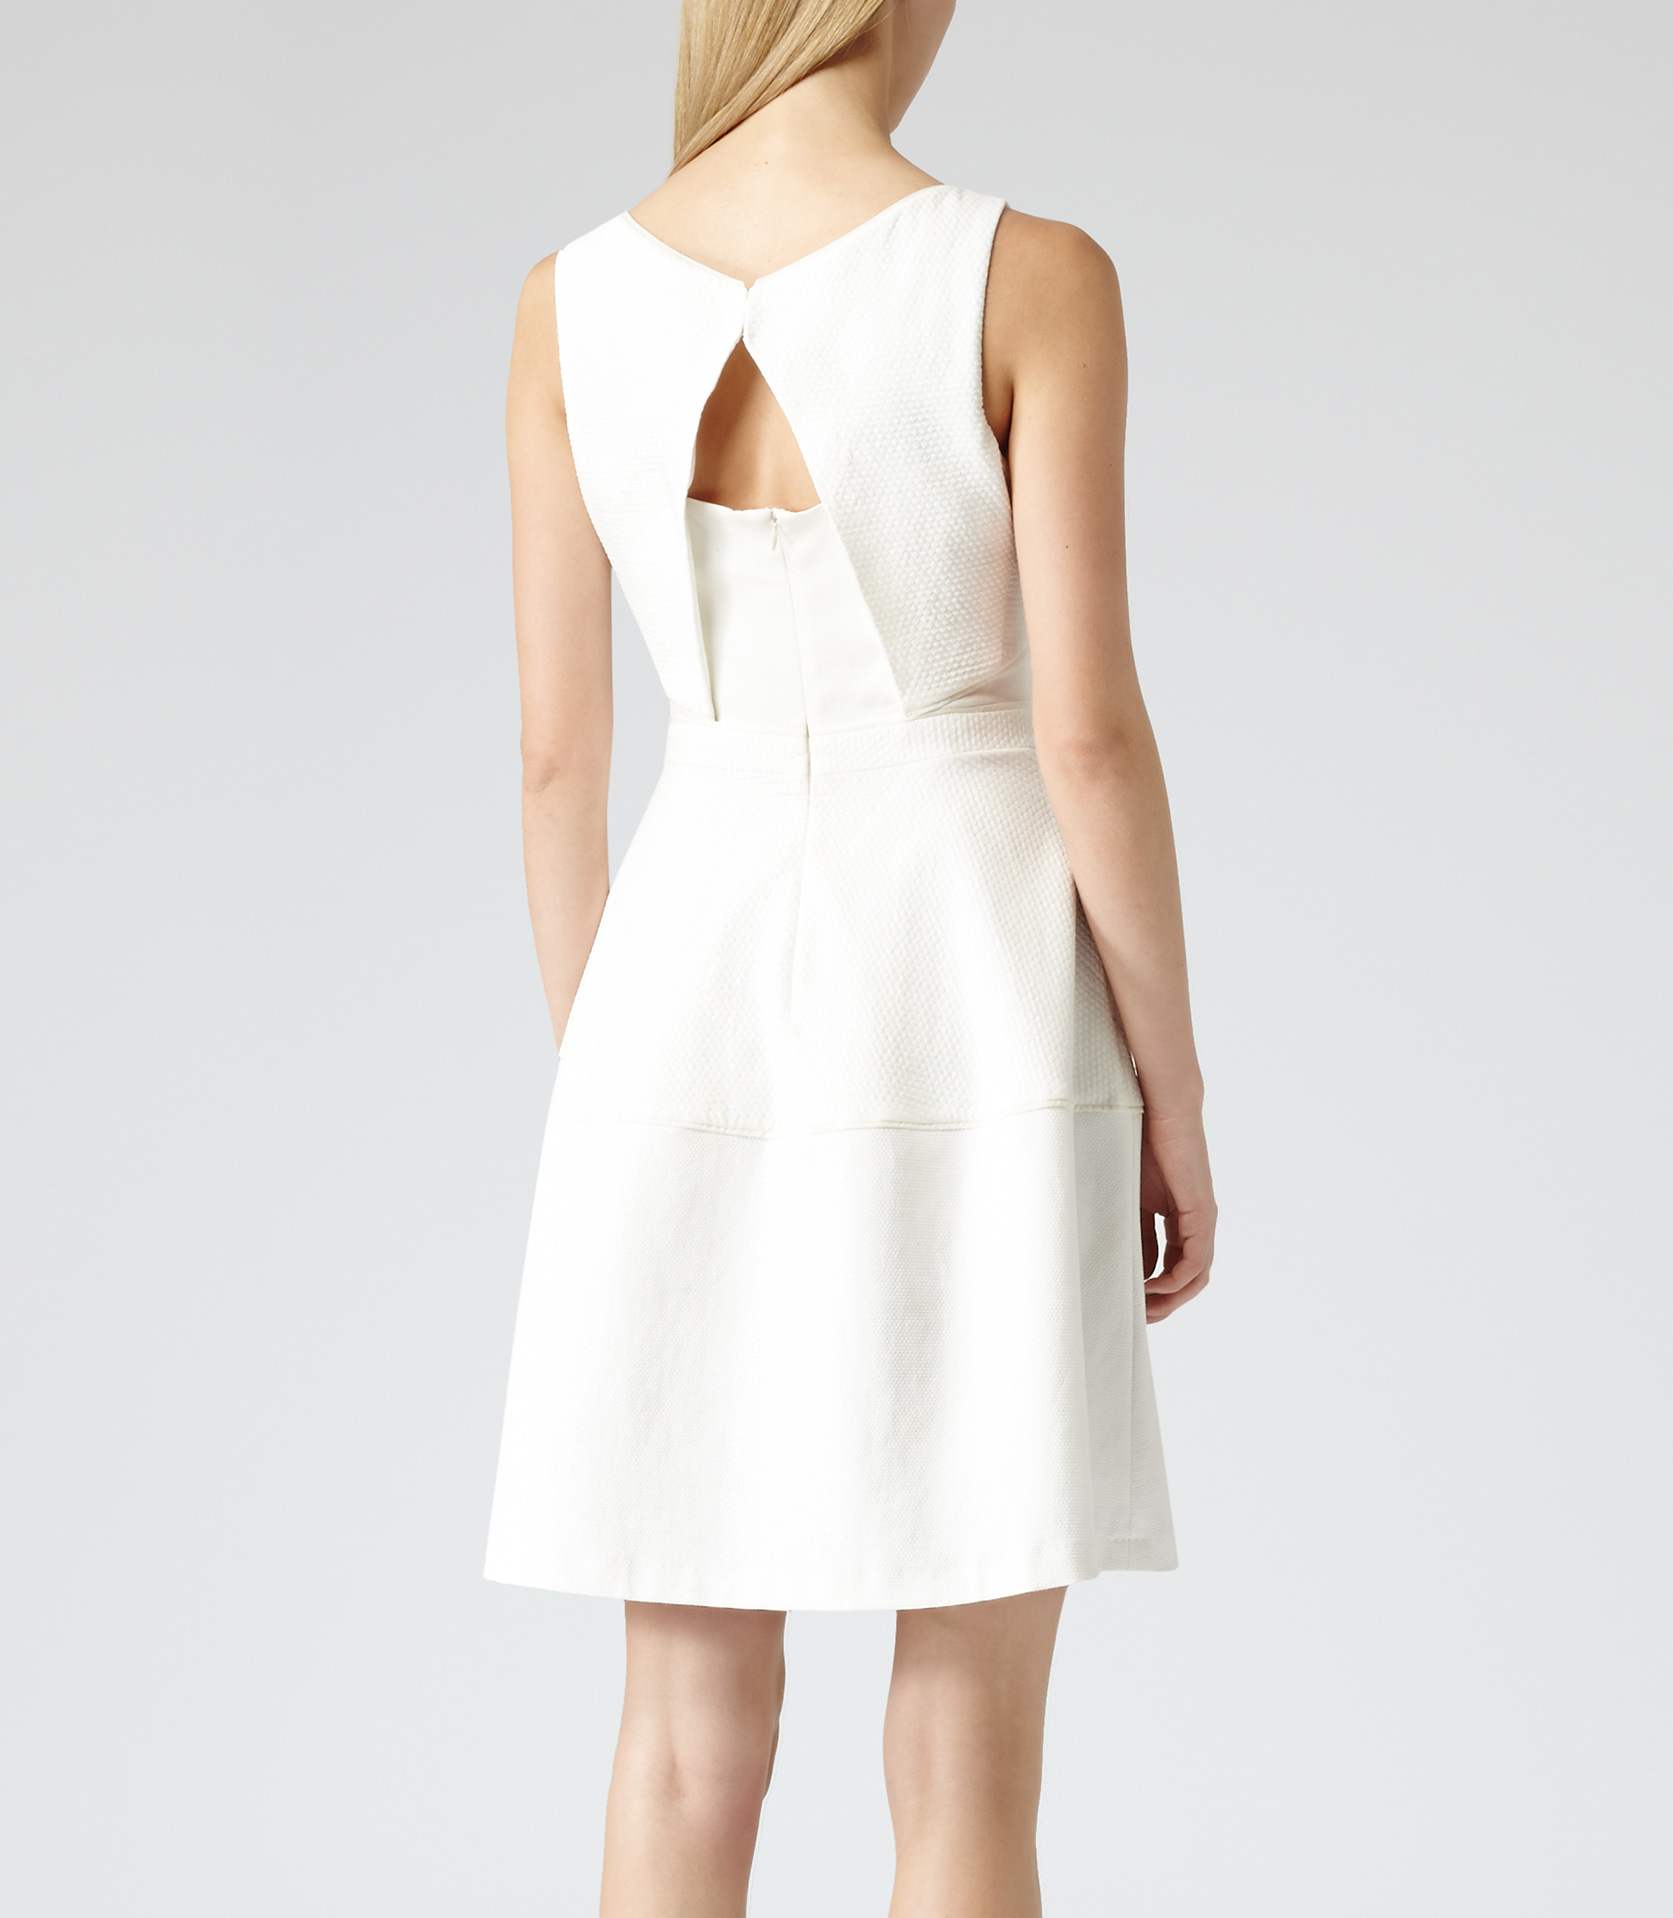 Reiss natalie dress off white